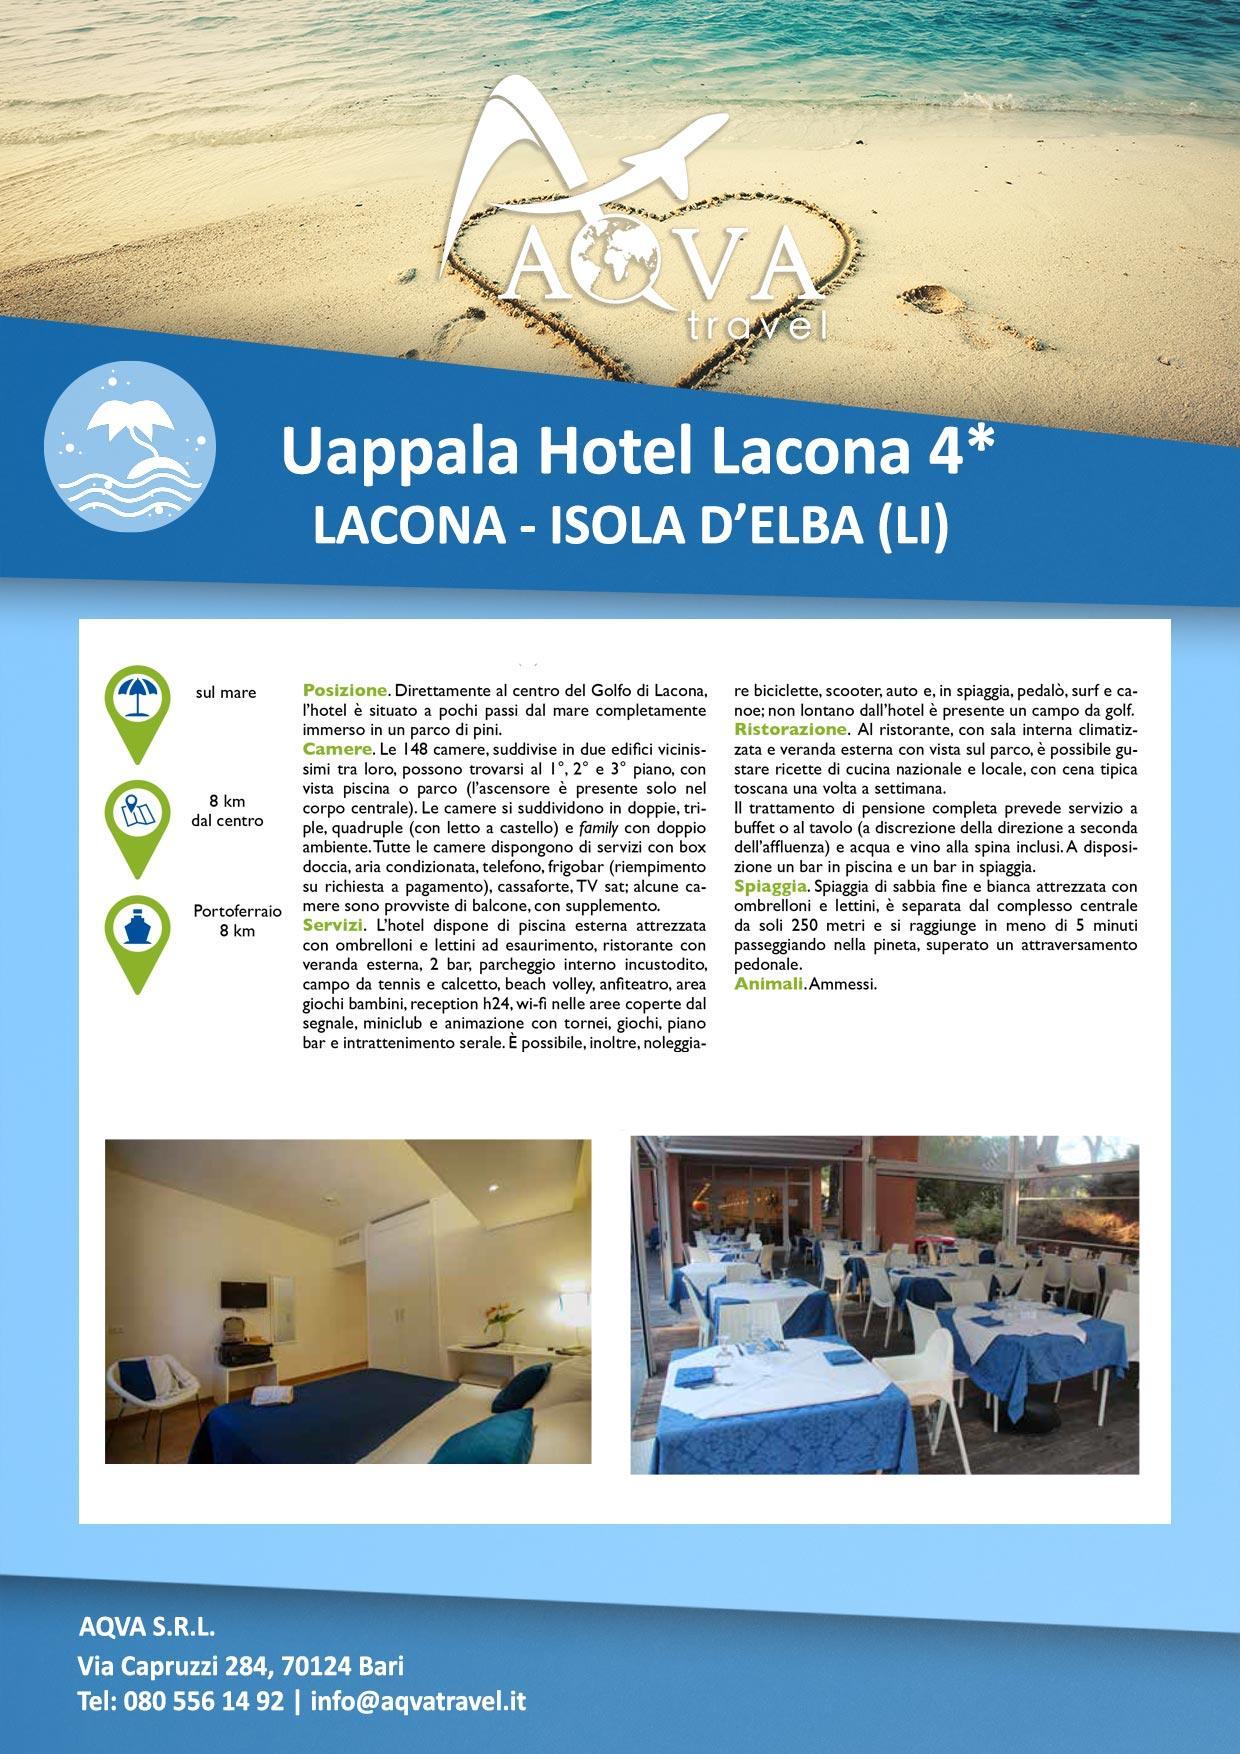 Uappala-Hotel-Lacona-4-LACONA-Mare-offerte-agenzia-di-viaggi-Bari-AQVATRAVEL-it